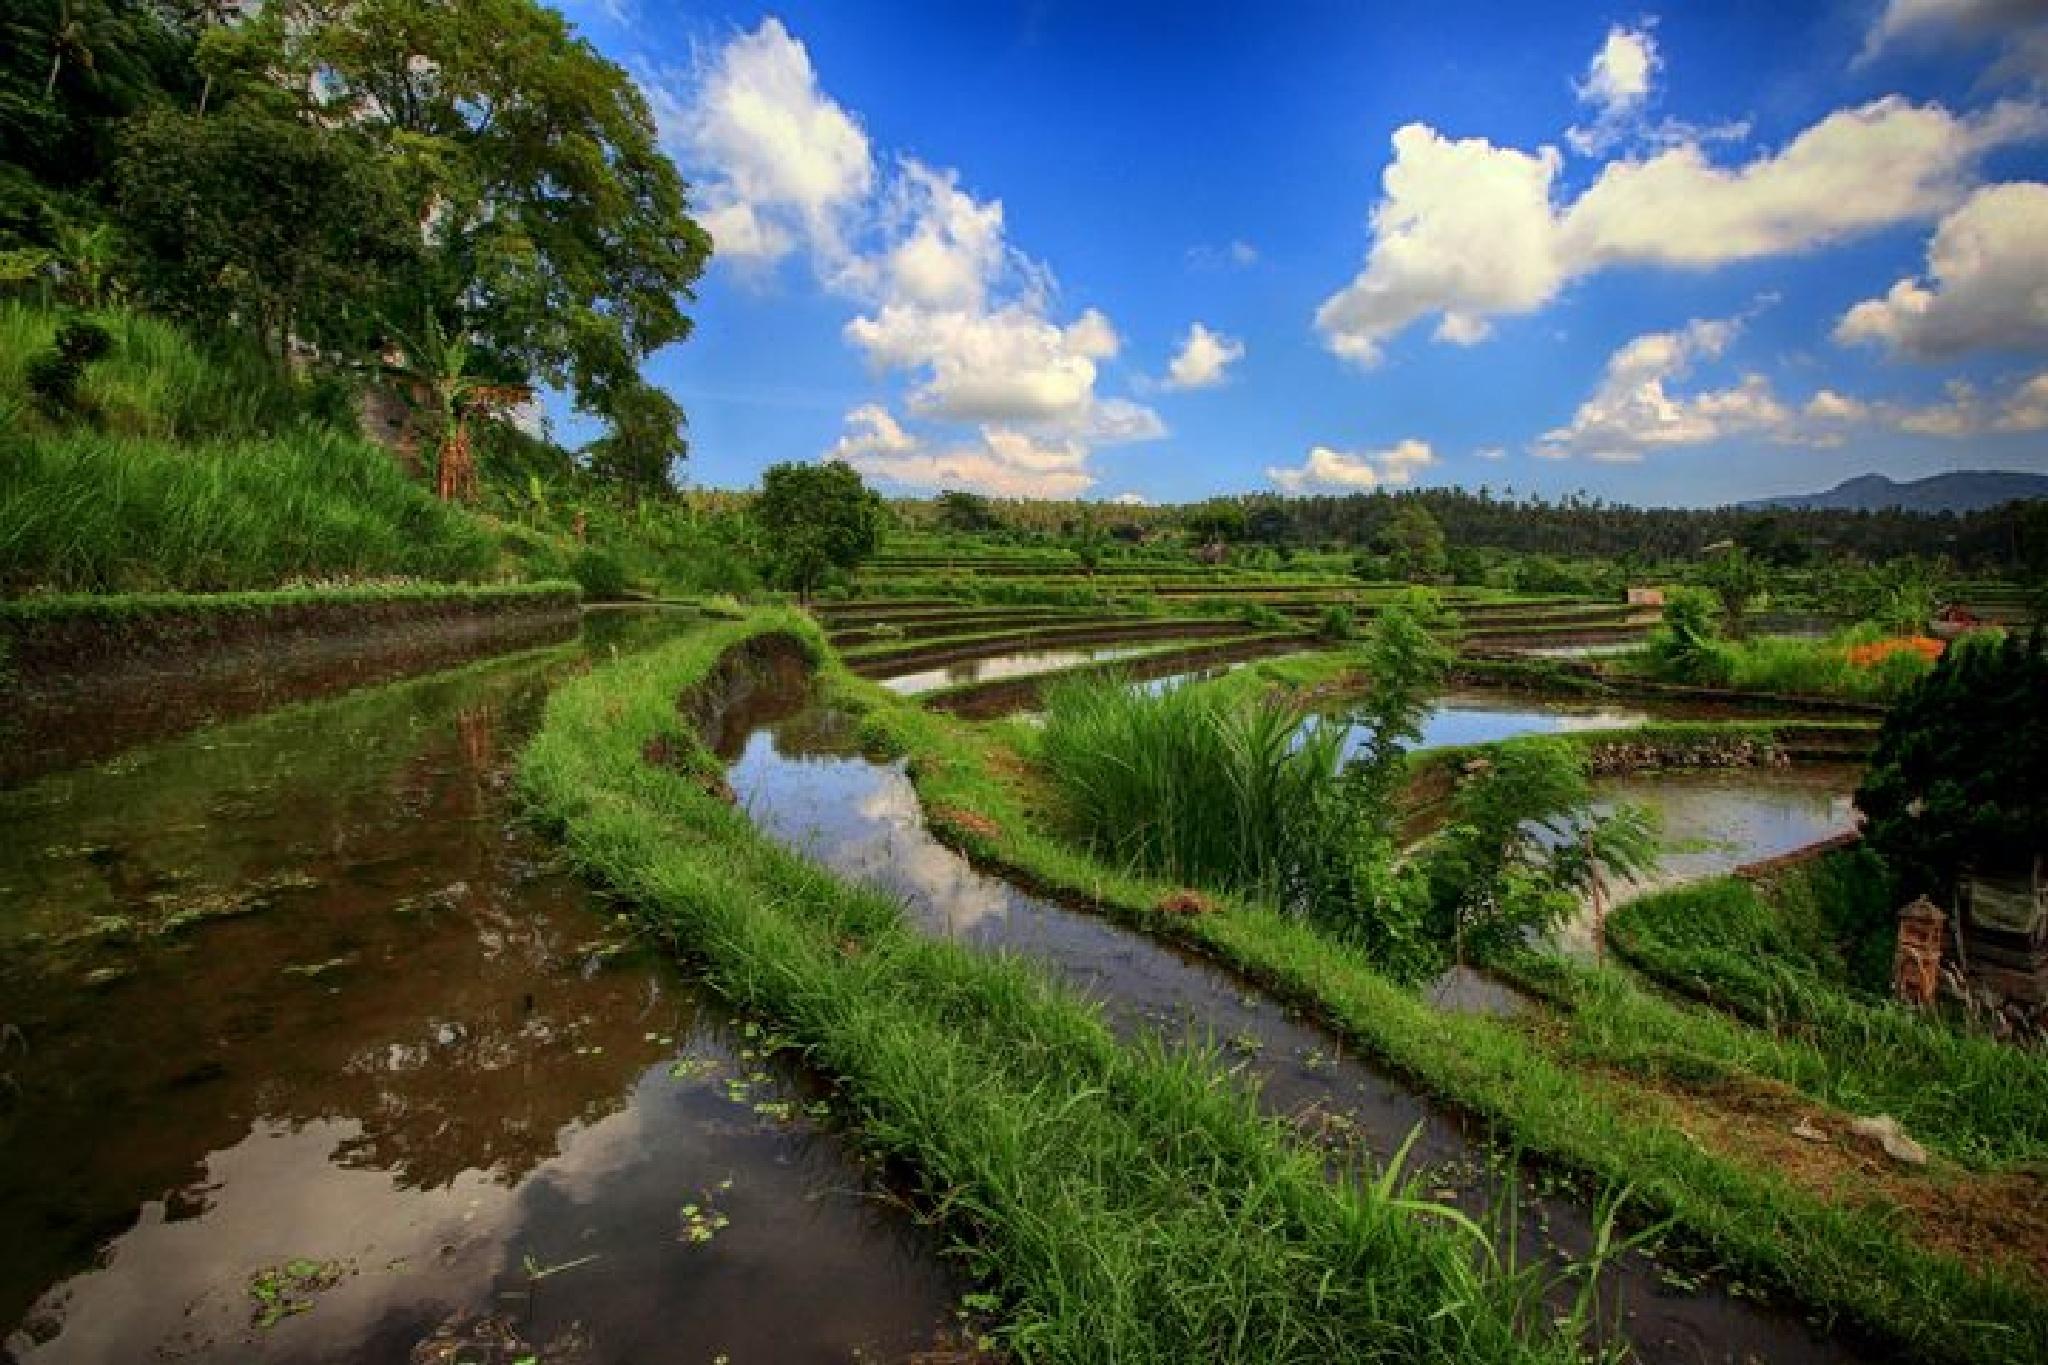 Rice field by Maras